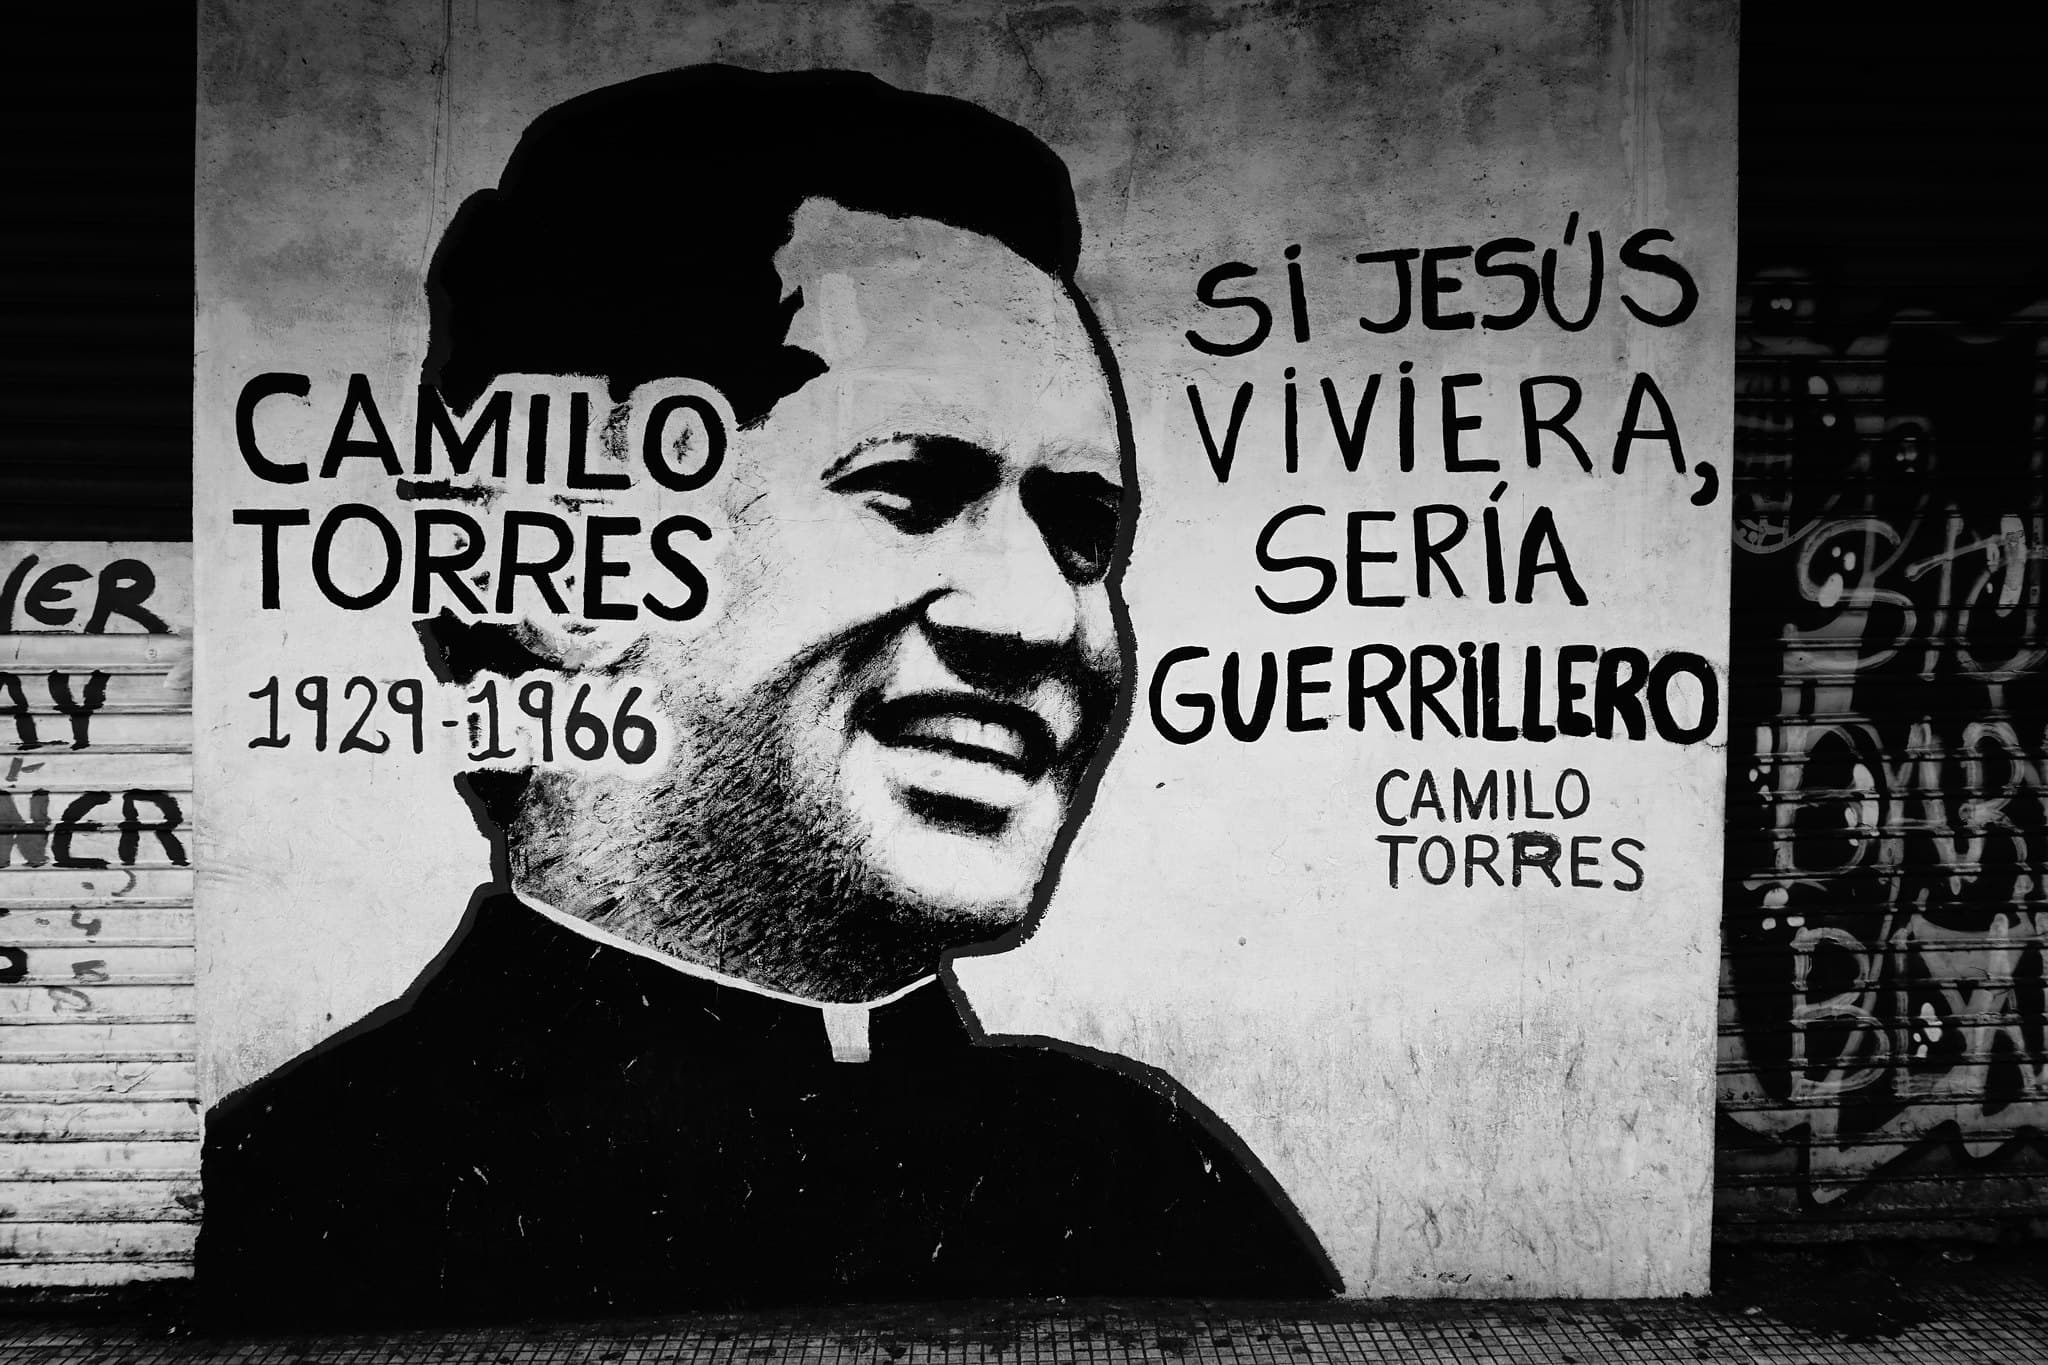 لاهوت التحرير: إنجيل الفقراء في أميركا اللاتينية